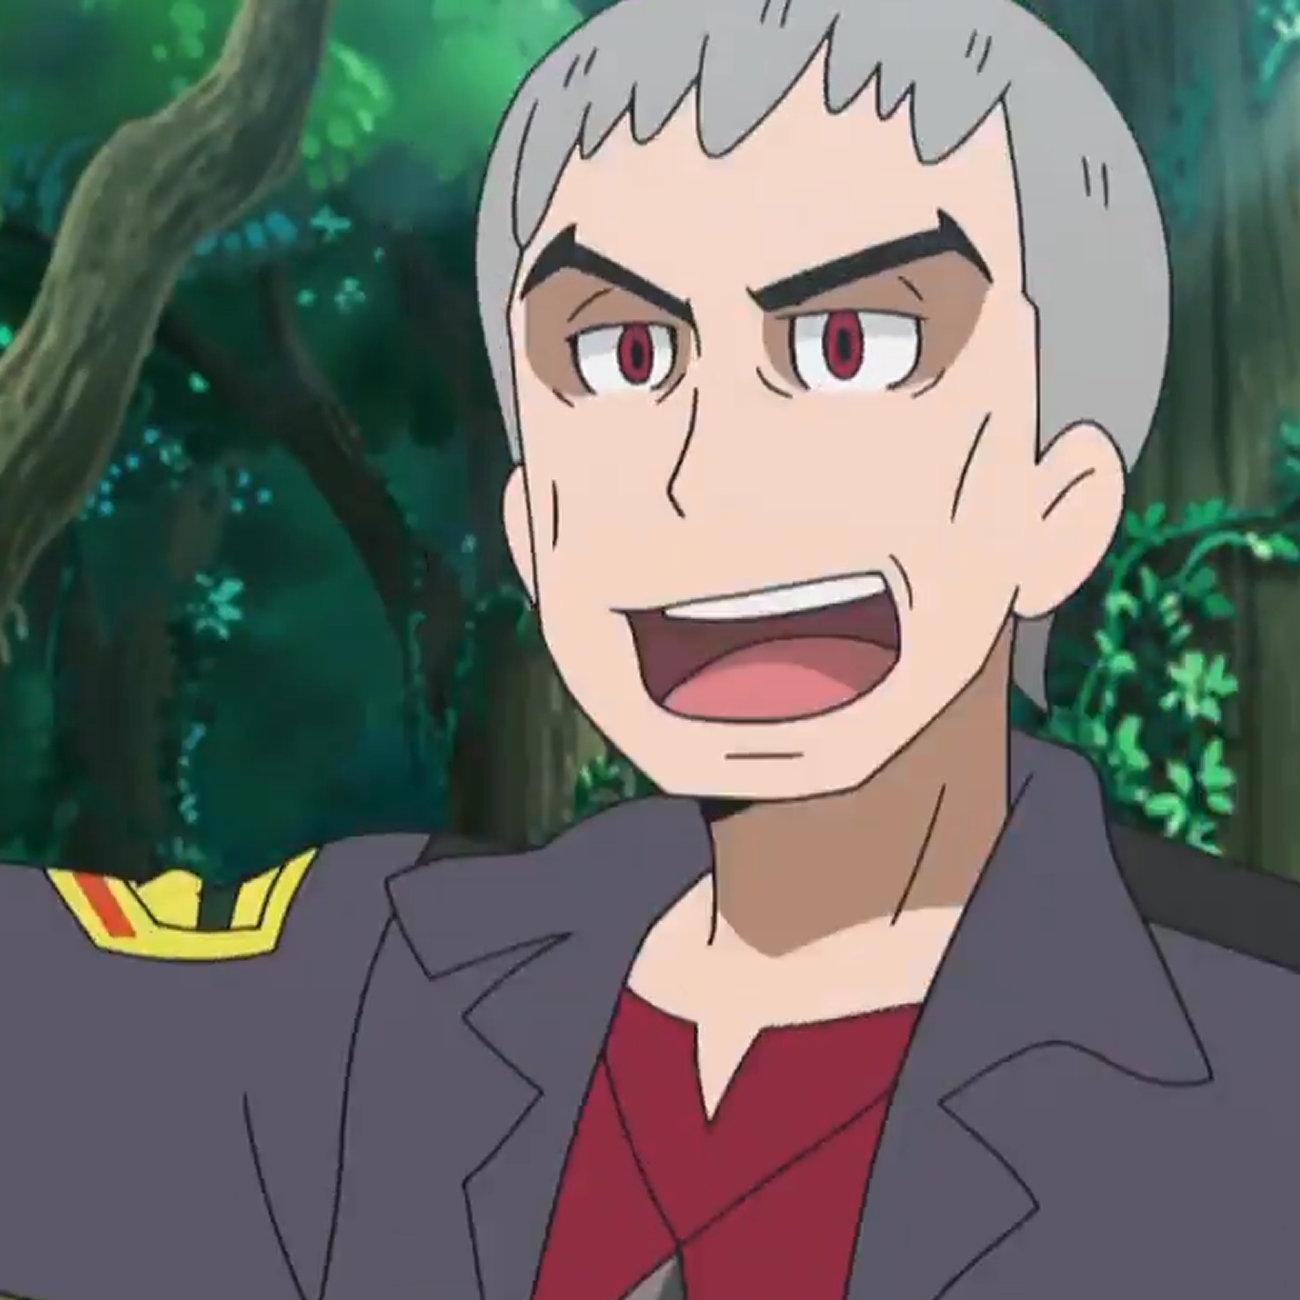 ポケモンアニメ、クチナシ声優は相沢まさき。アセロラ諸星すみれ